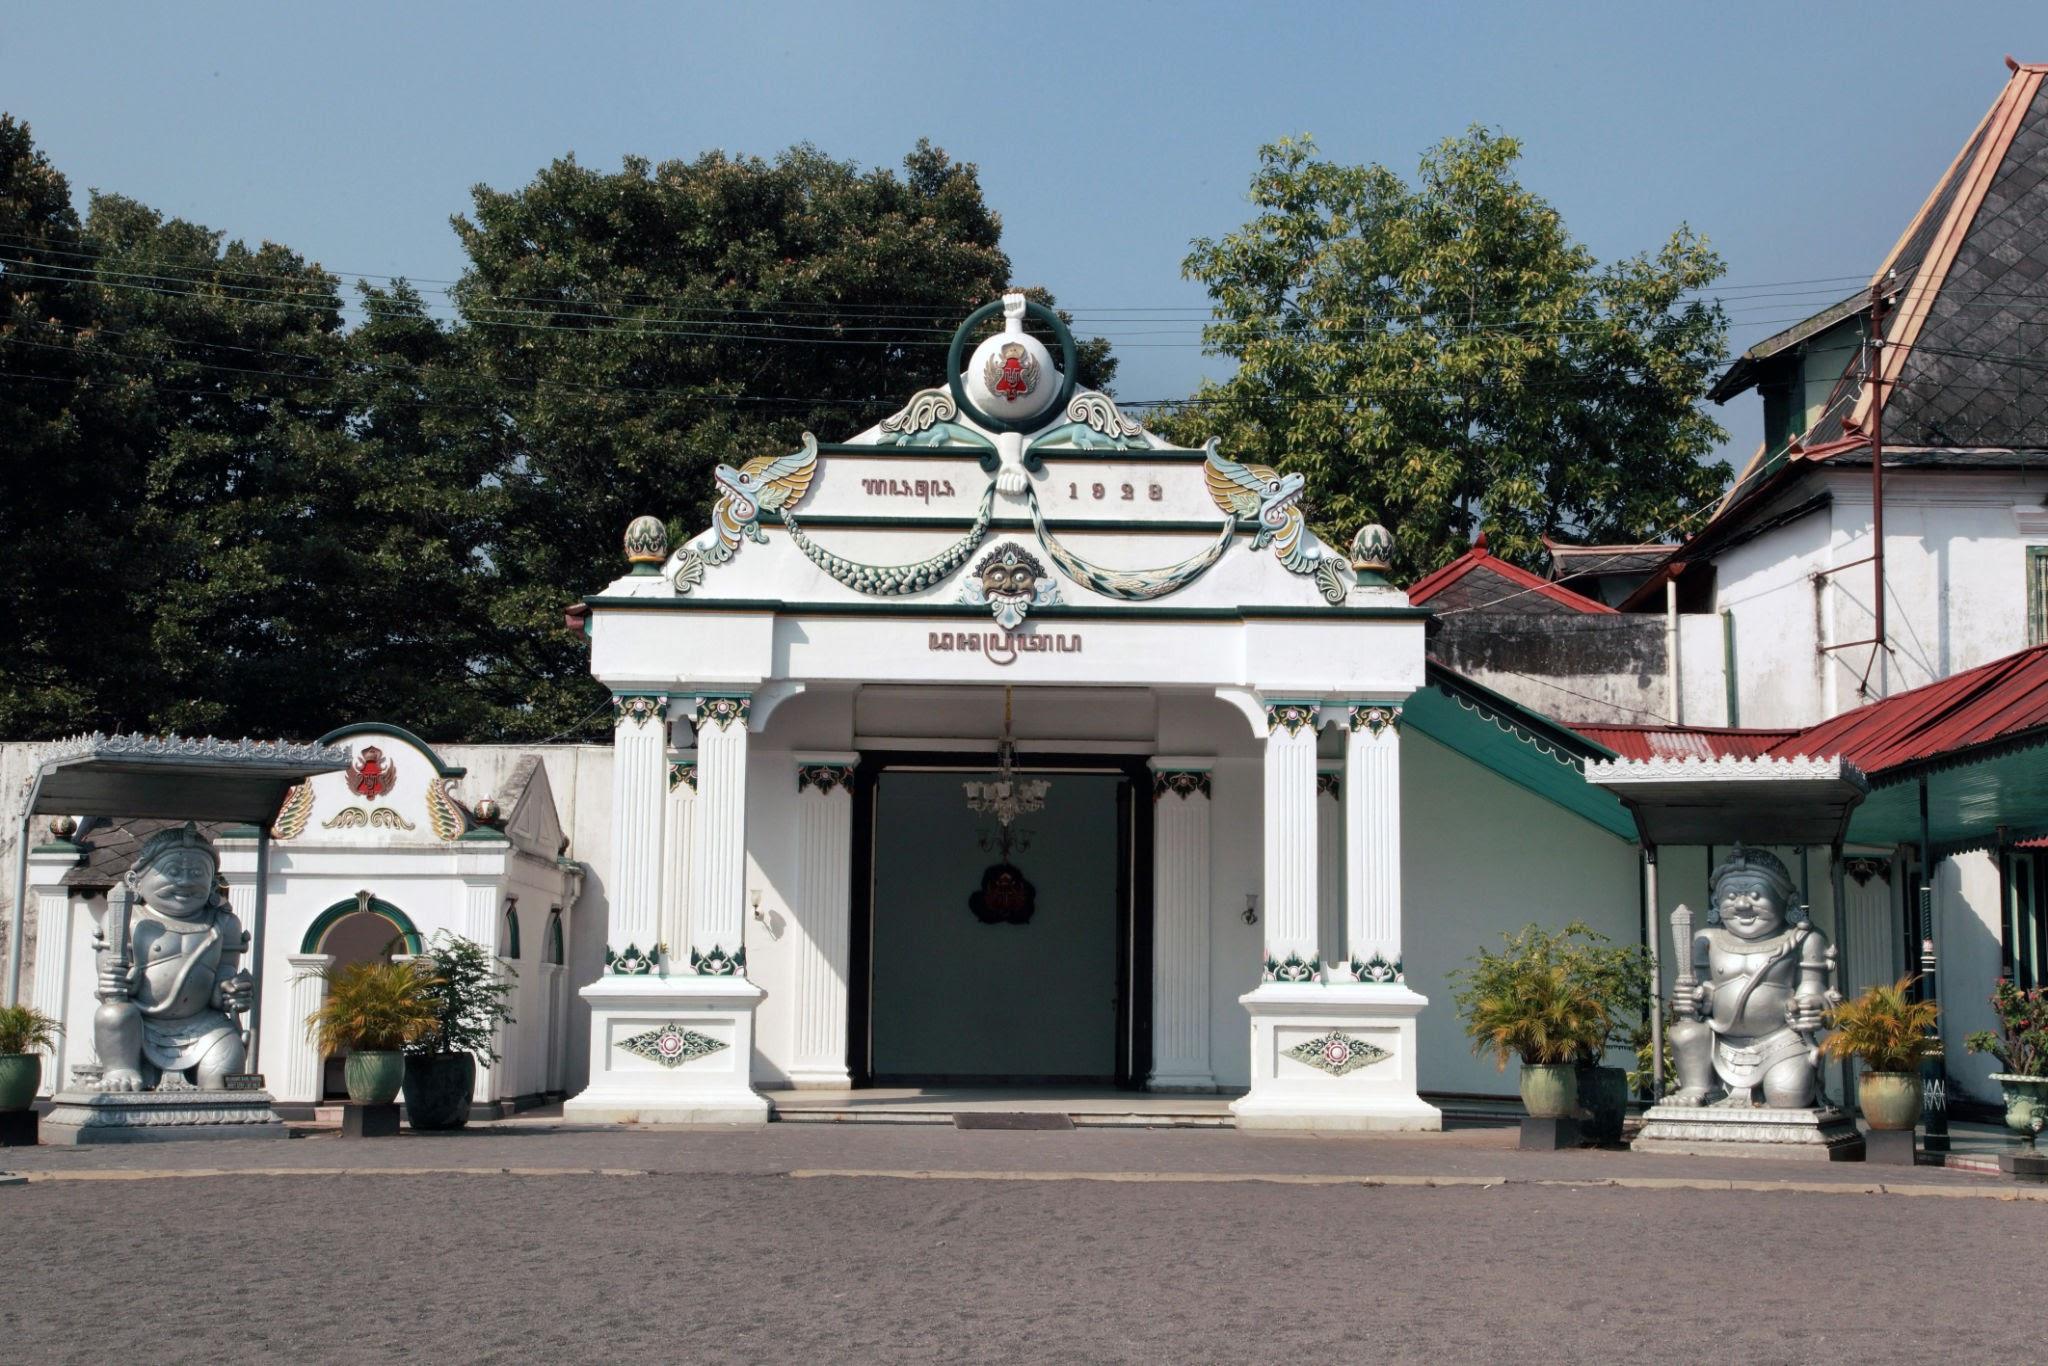 The Palace of Yogyakarta